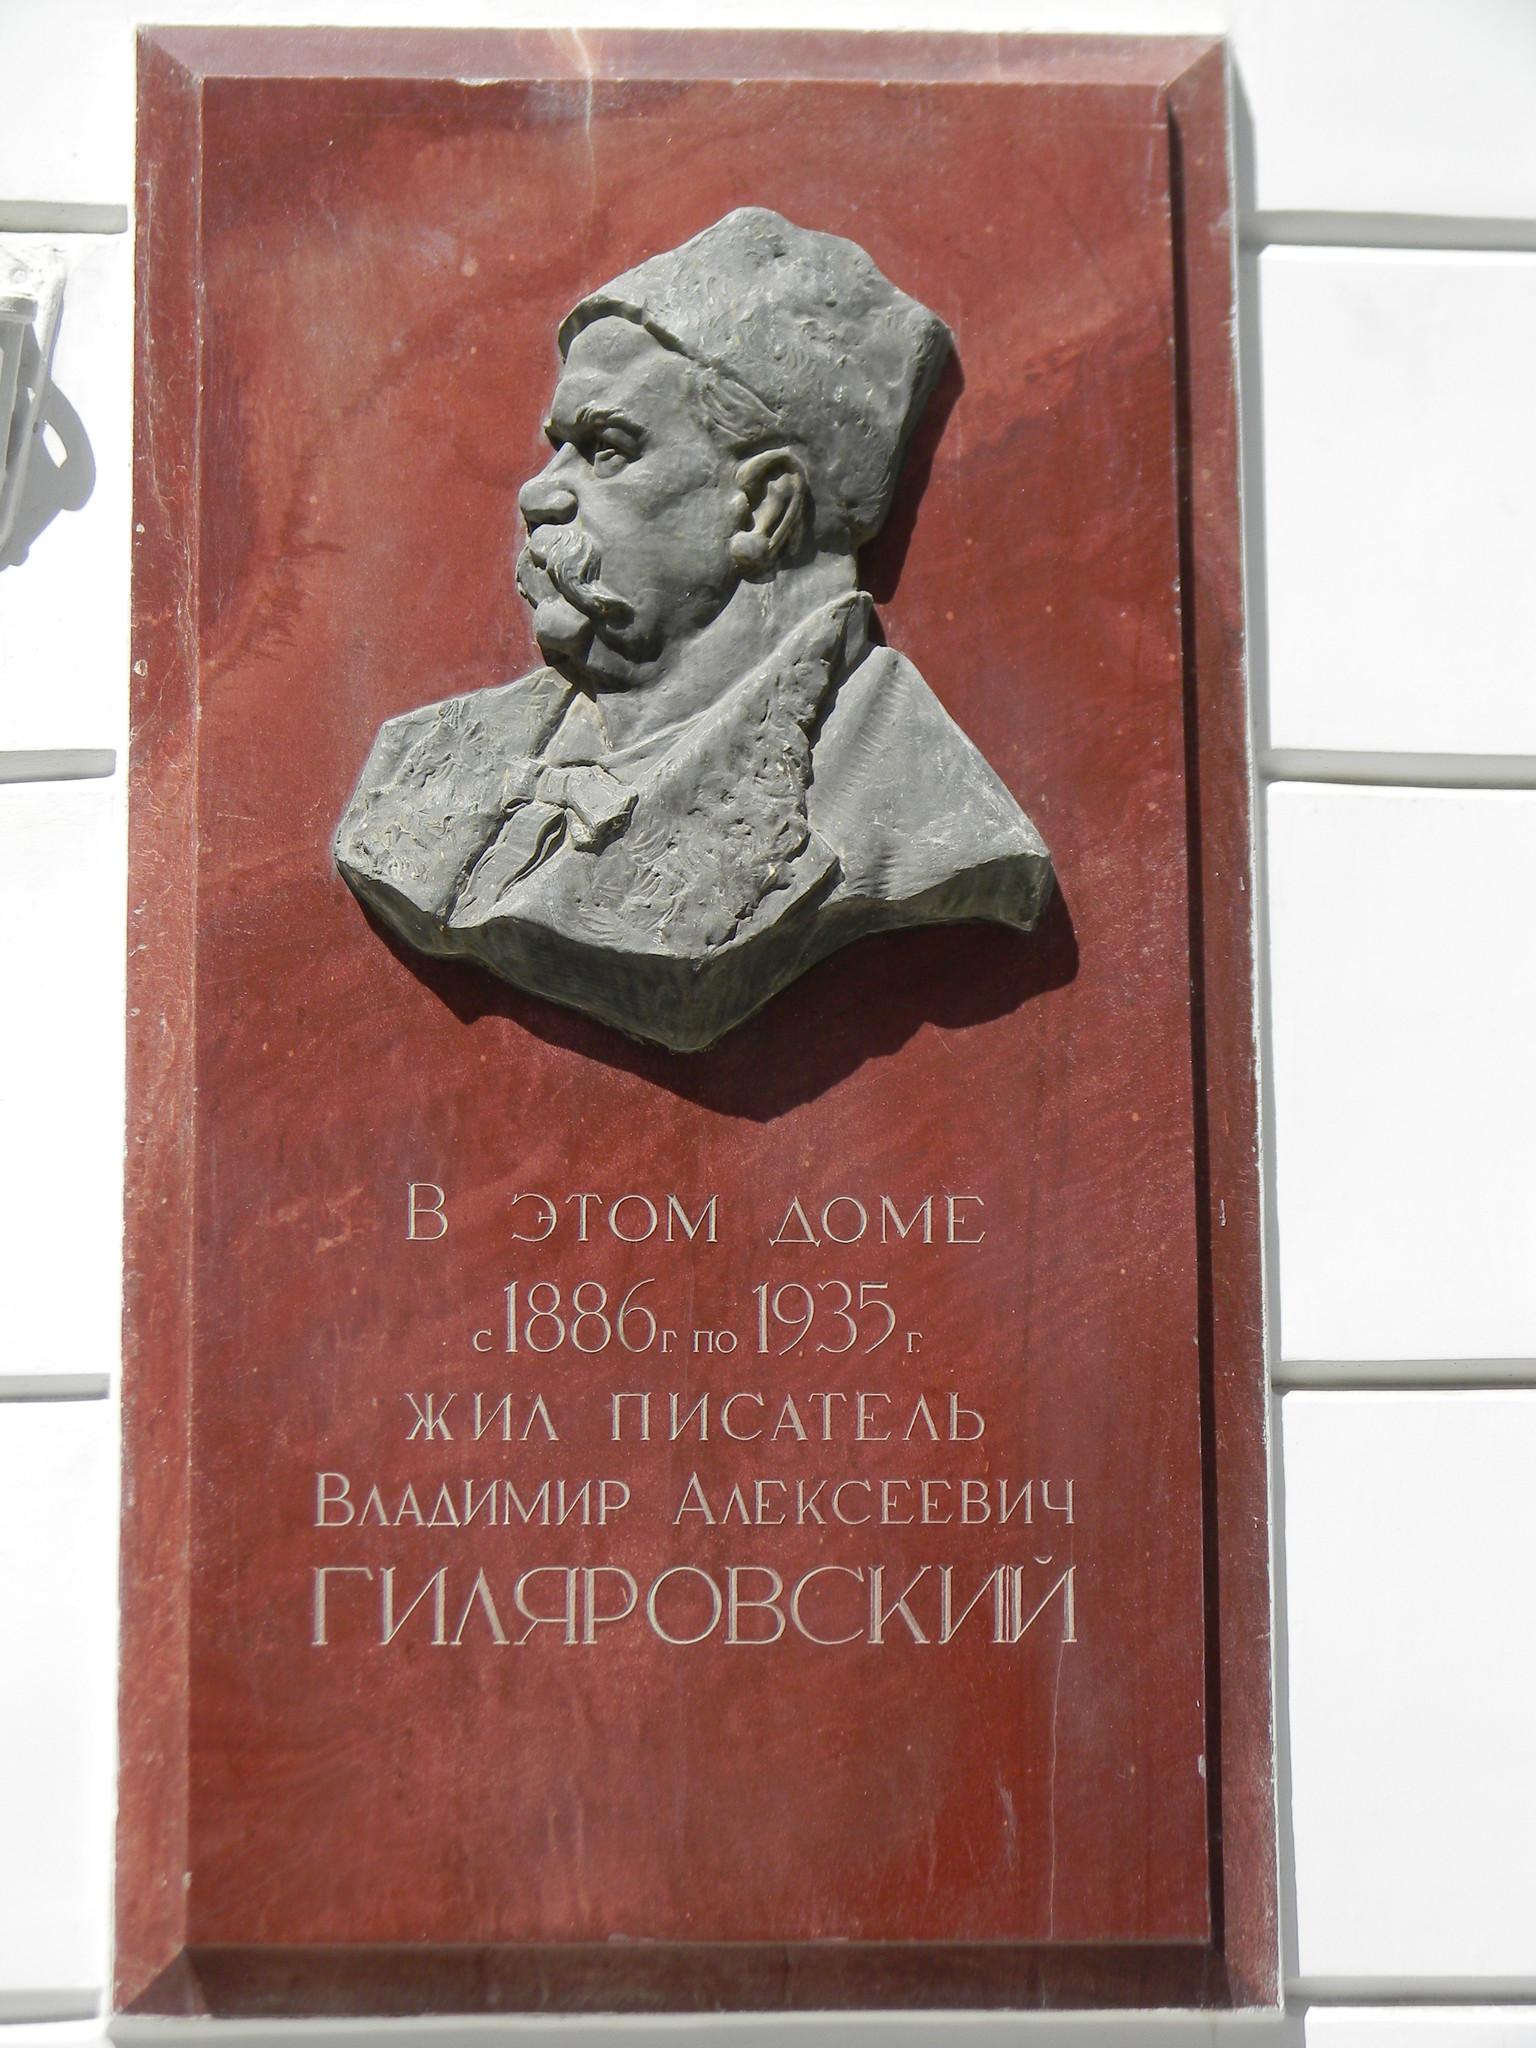 Мемориальная доска на доме, где жил Владимир Алексеевич Гиляровский (Столешников переулок, дом 9)